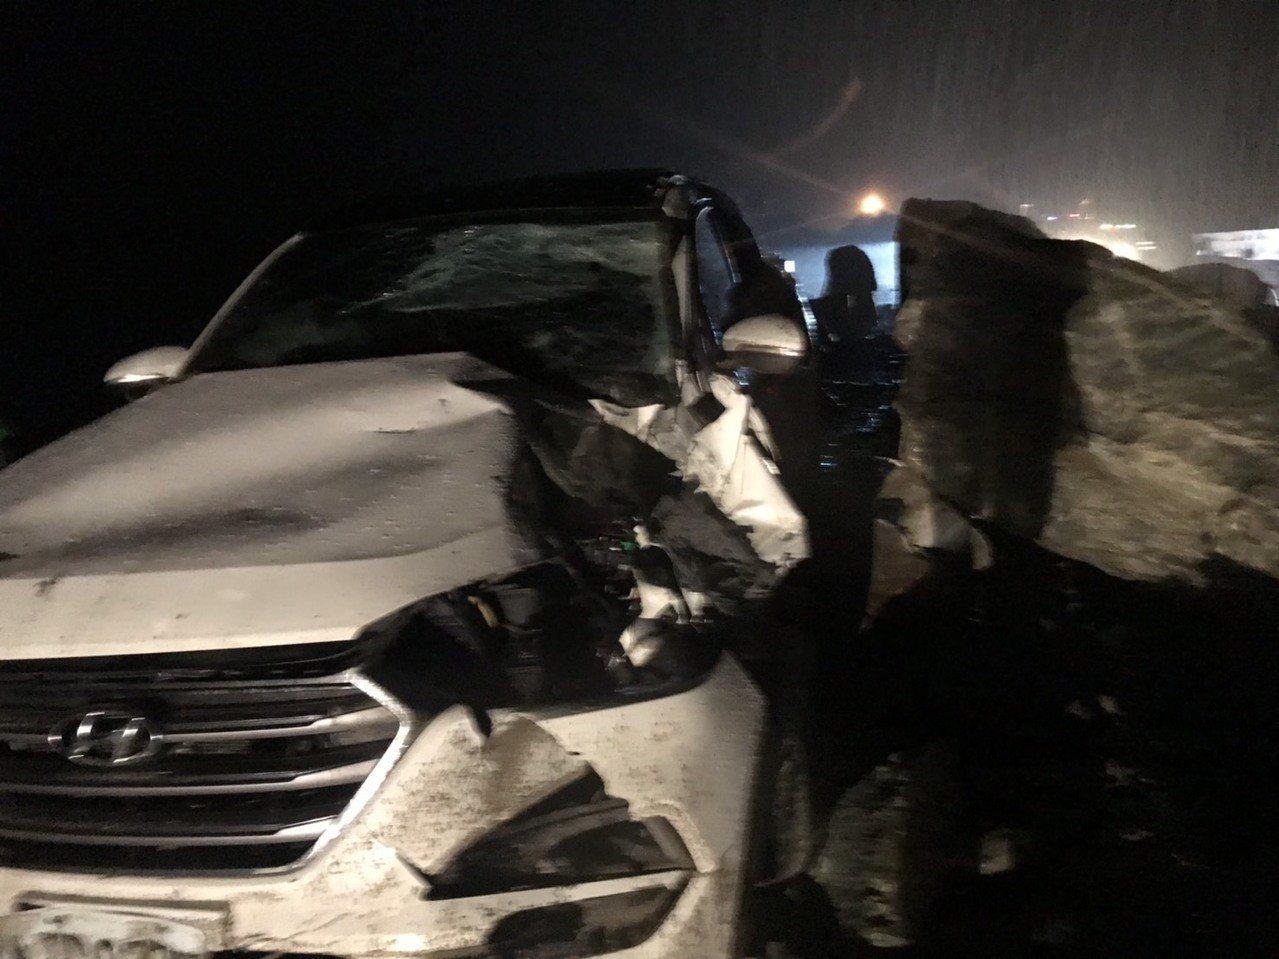 台9線蘇花公路大清水段晚間有落石砸車意外,幸好車內兩人僅手腳擦傷,無生命危險。圖...